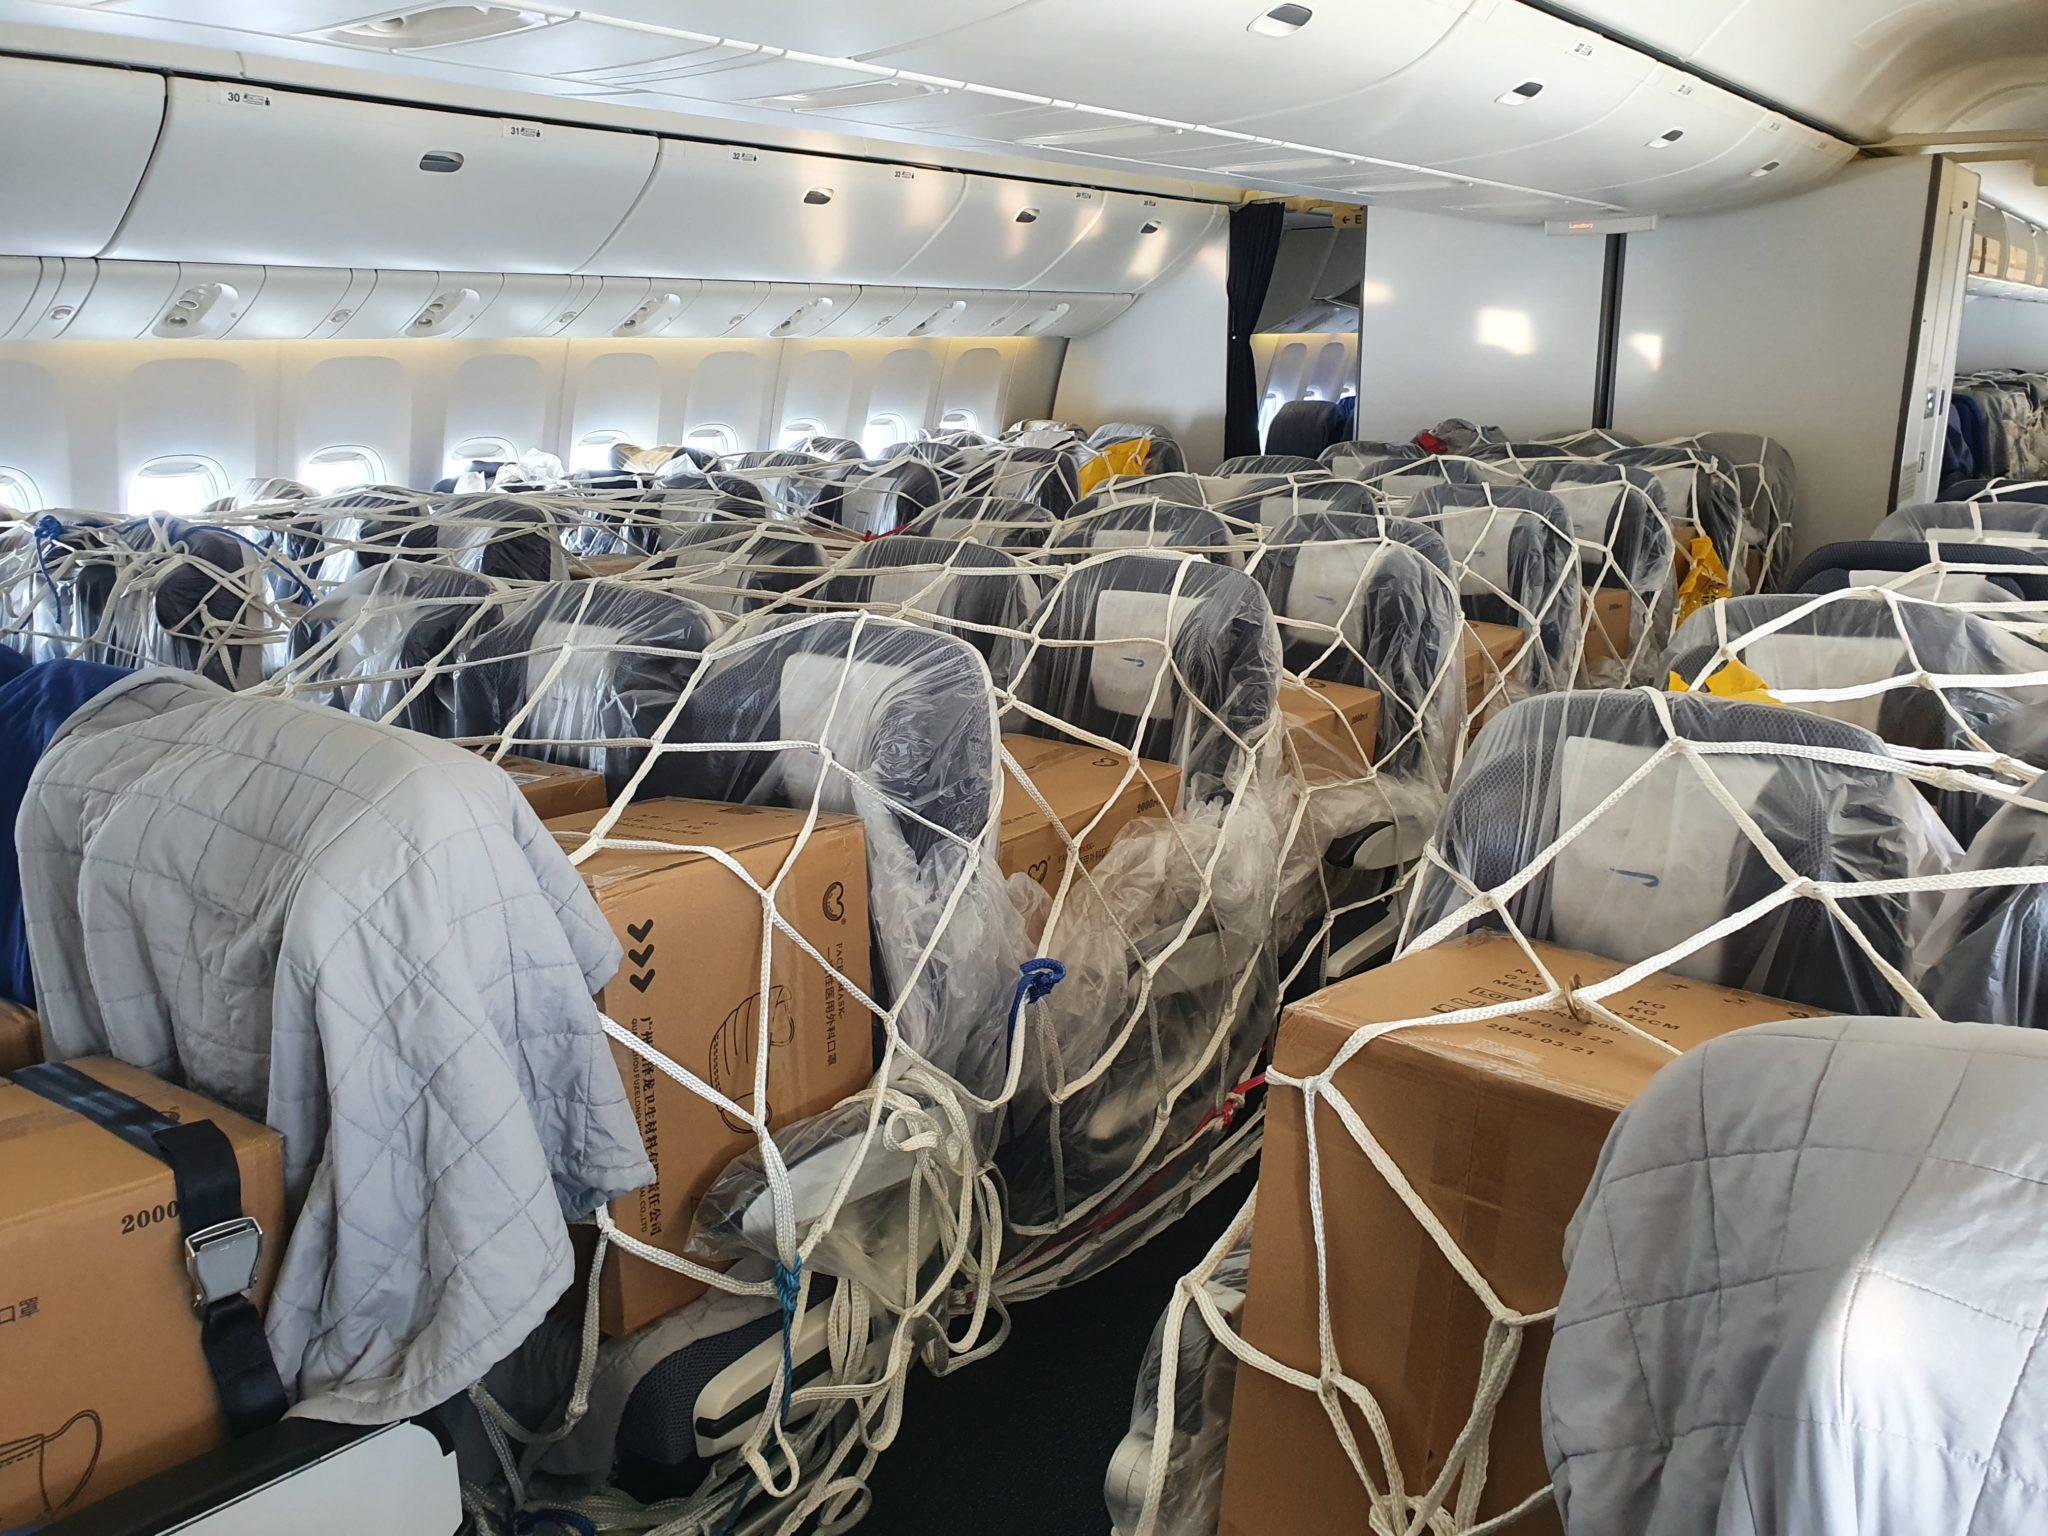 cargo inside passenger planes